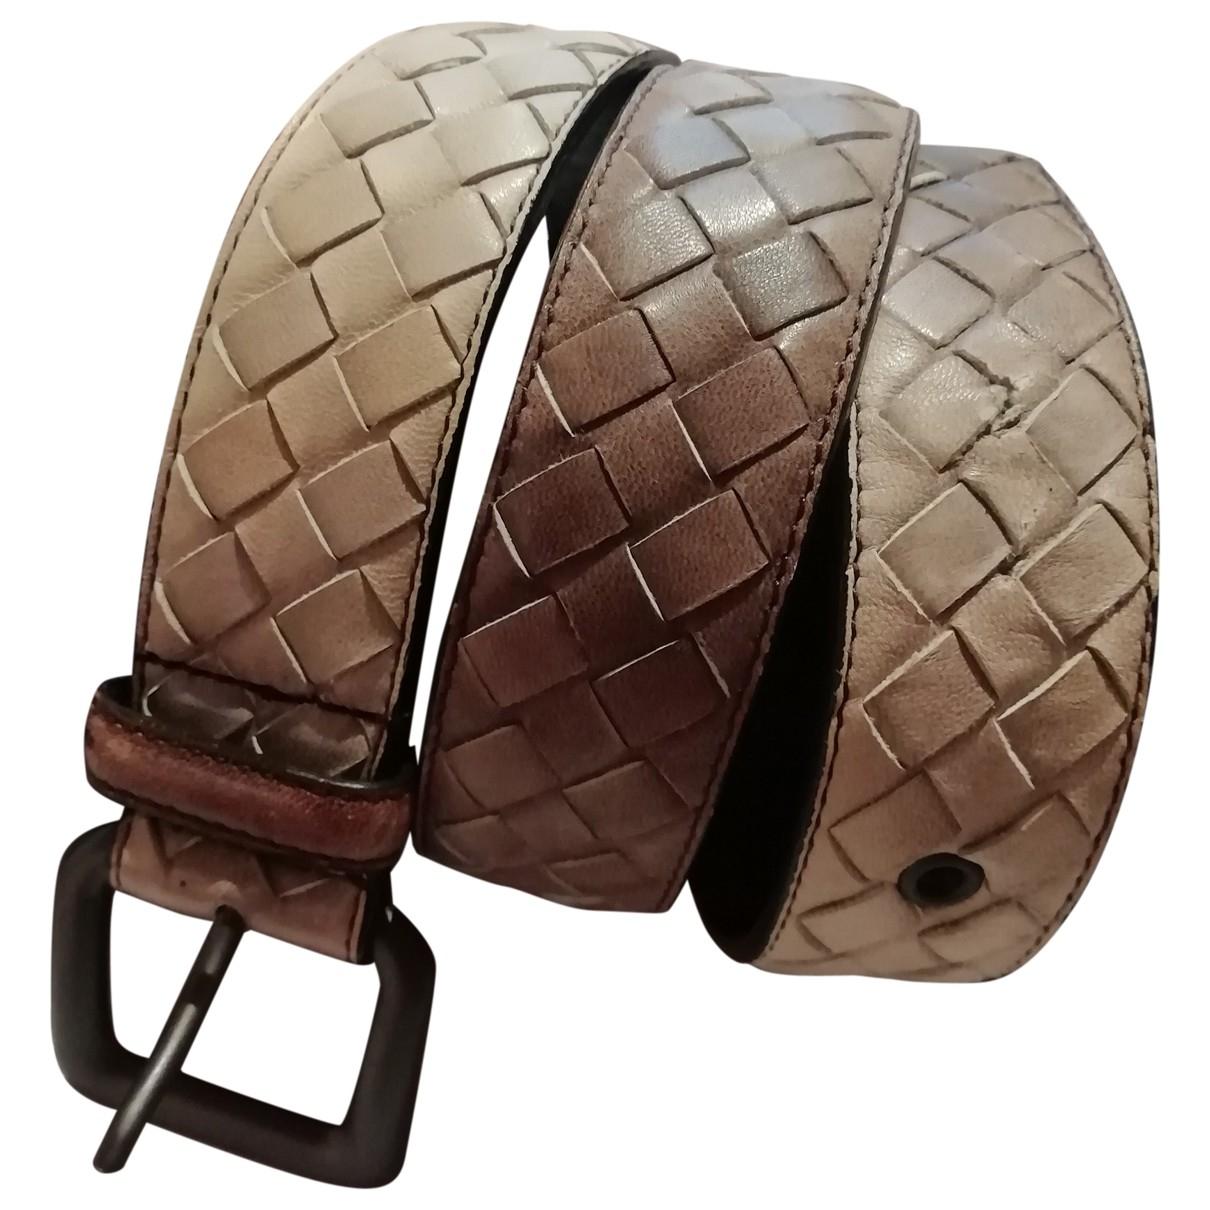 Bottega Veneta \N Beige Leather belt for Women S International